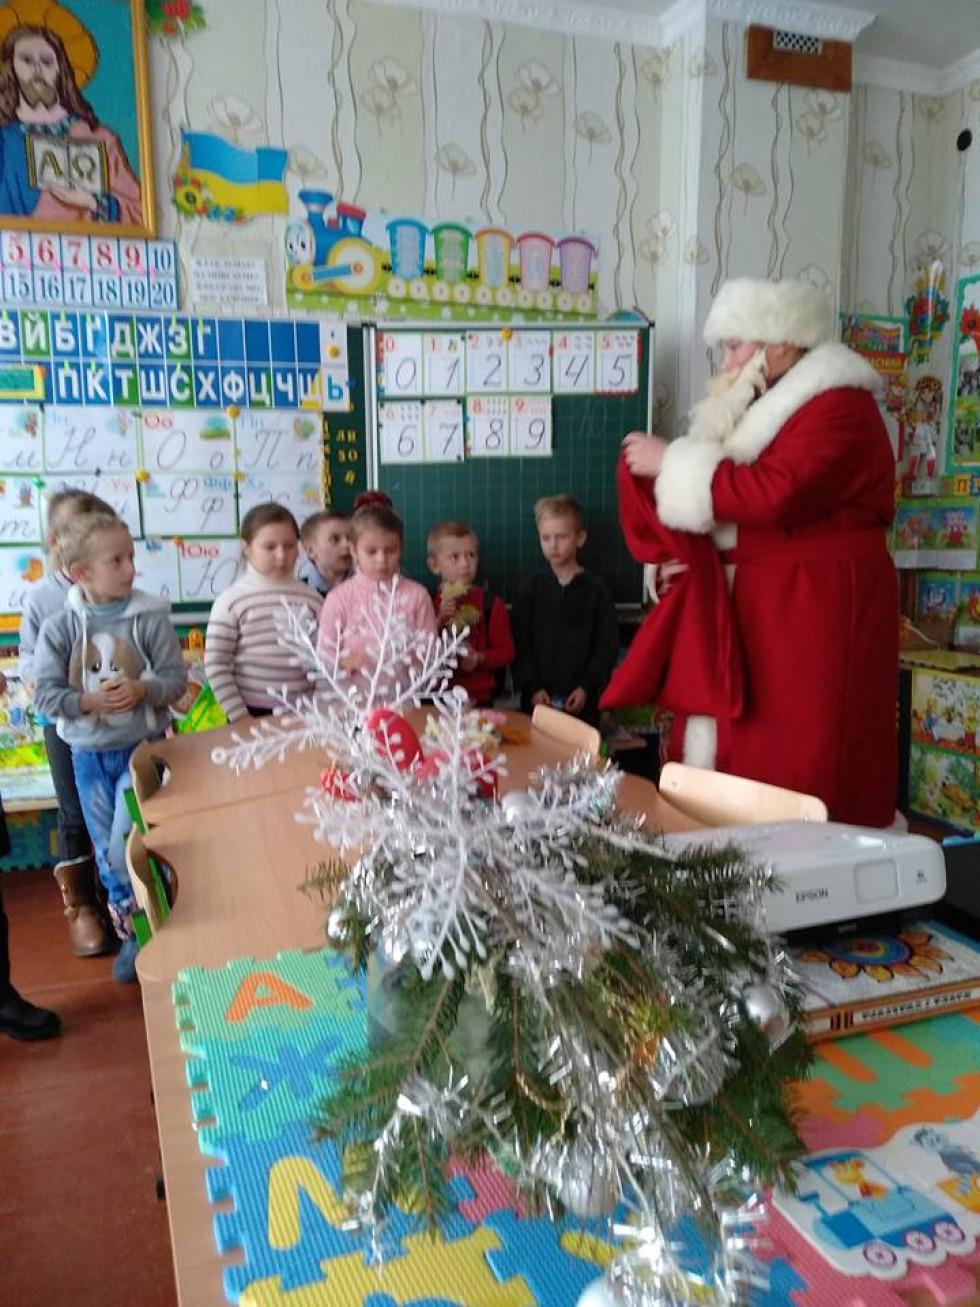 Миколай вручає ляльки мотанки у Дубечному